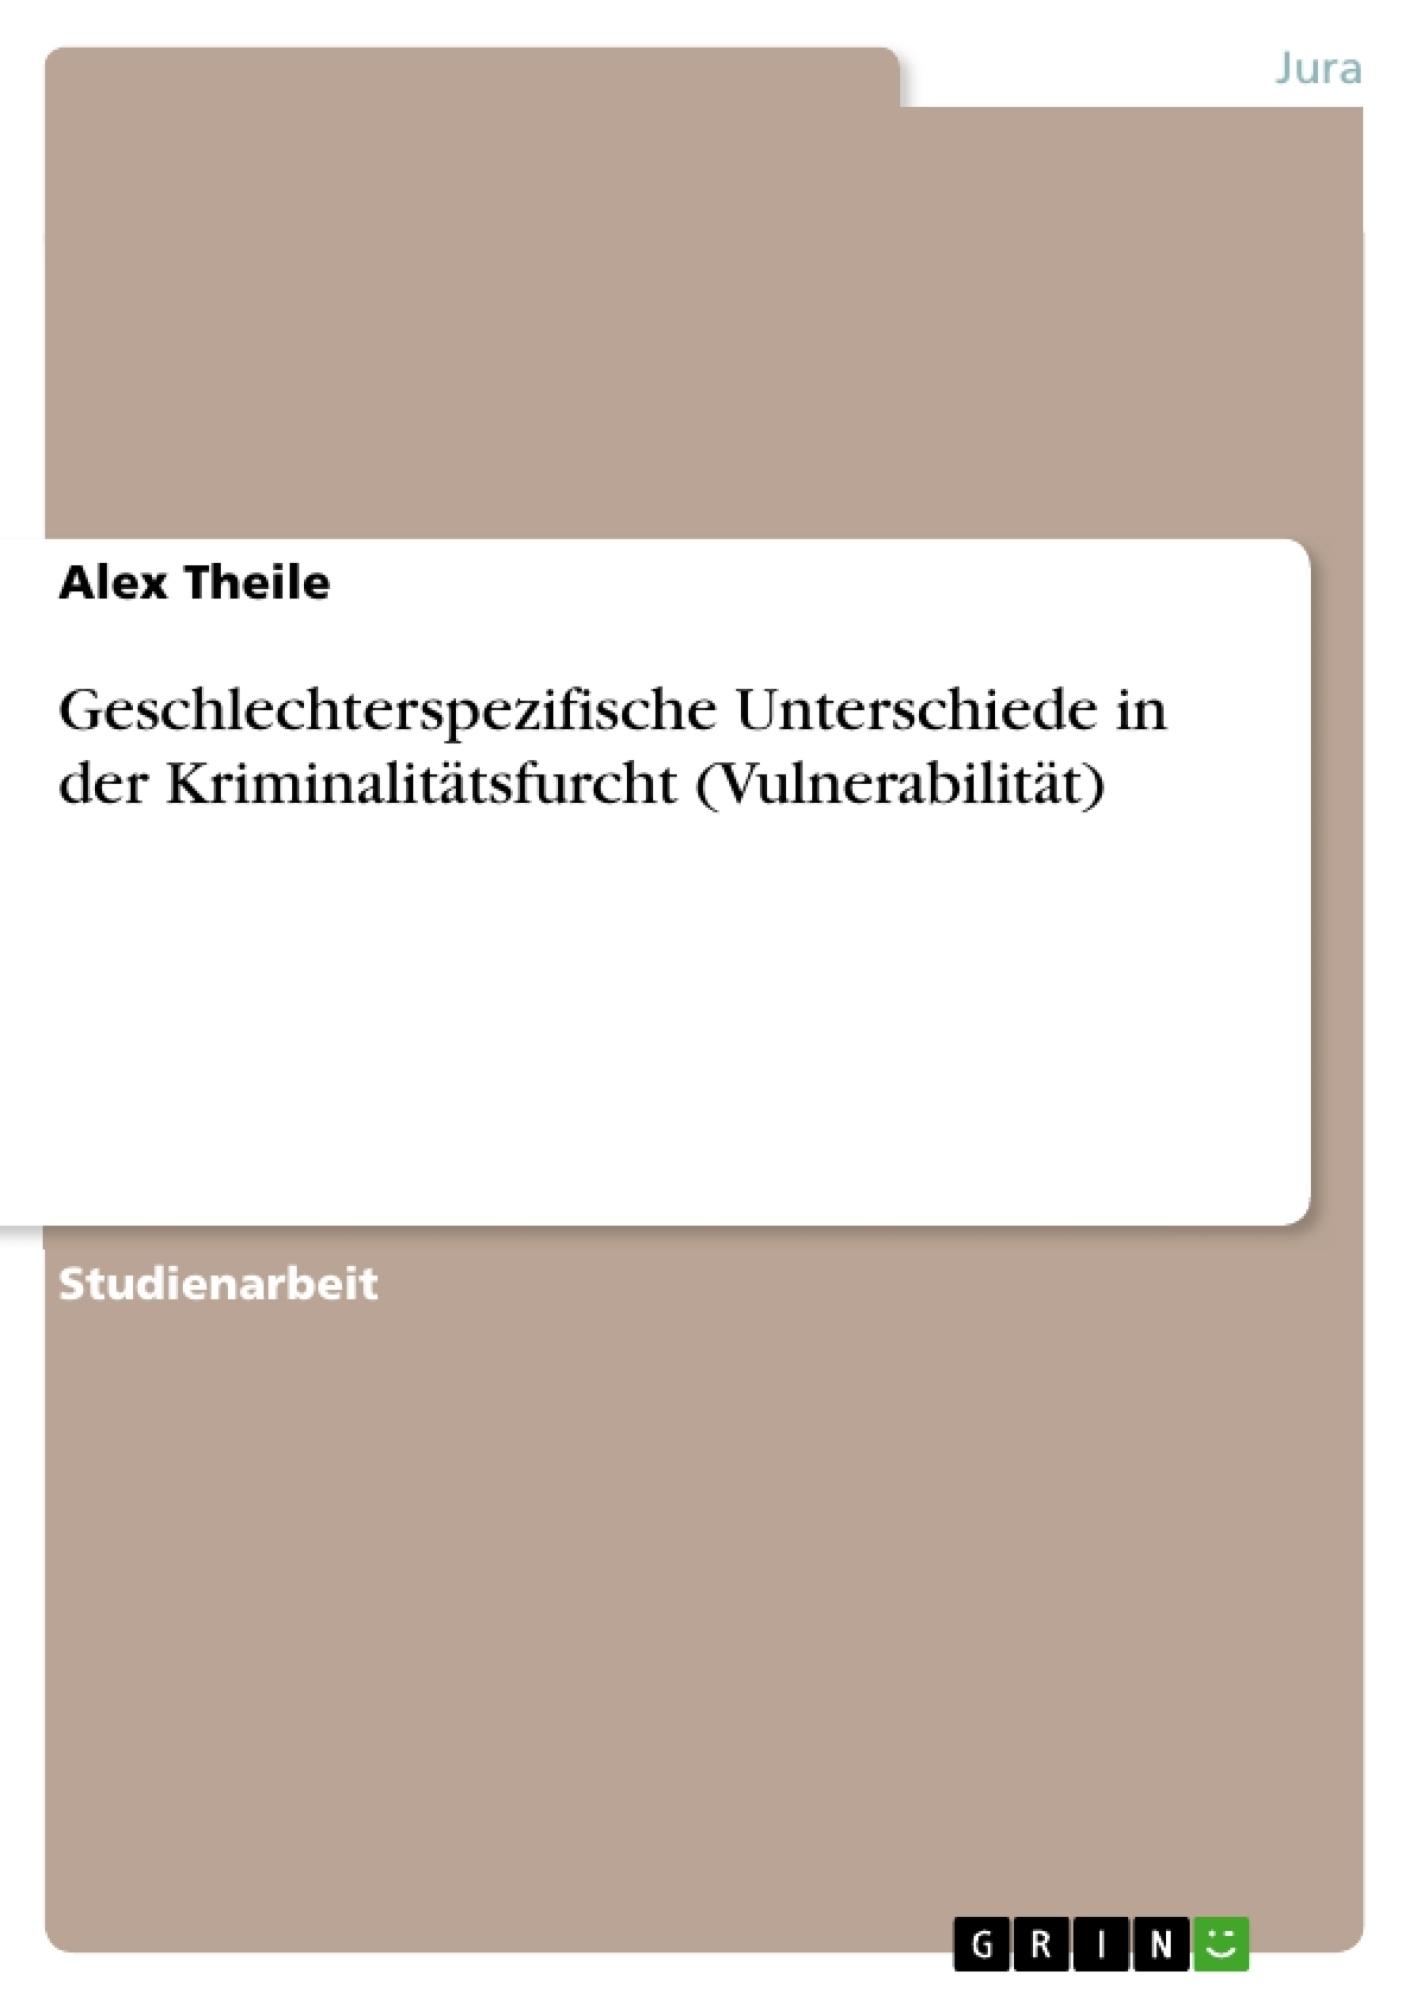 Titel: Geschlechterspezifische Unterschiede in der Kriminalitätsfurcht (Vulnerabilität)